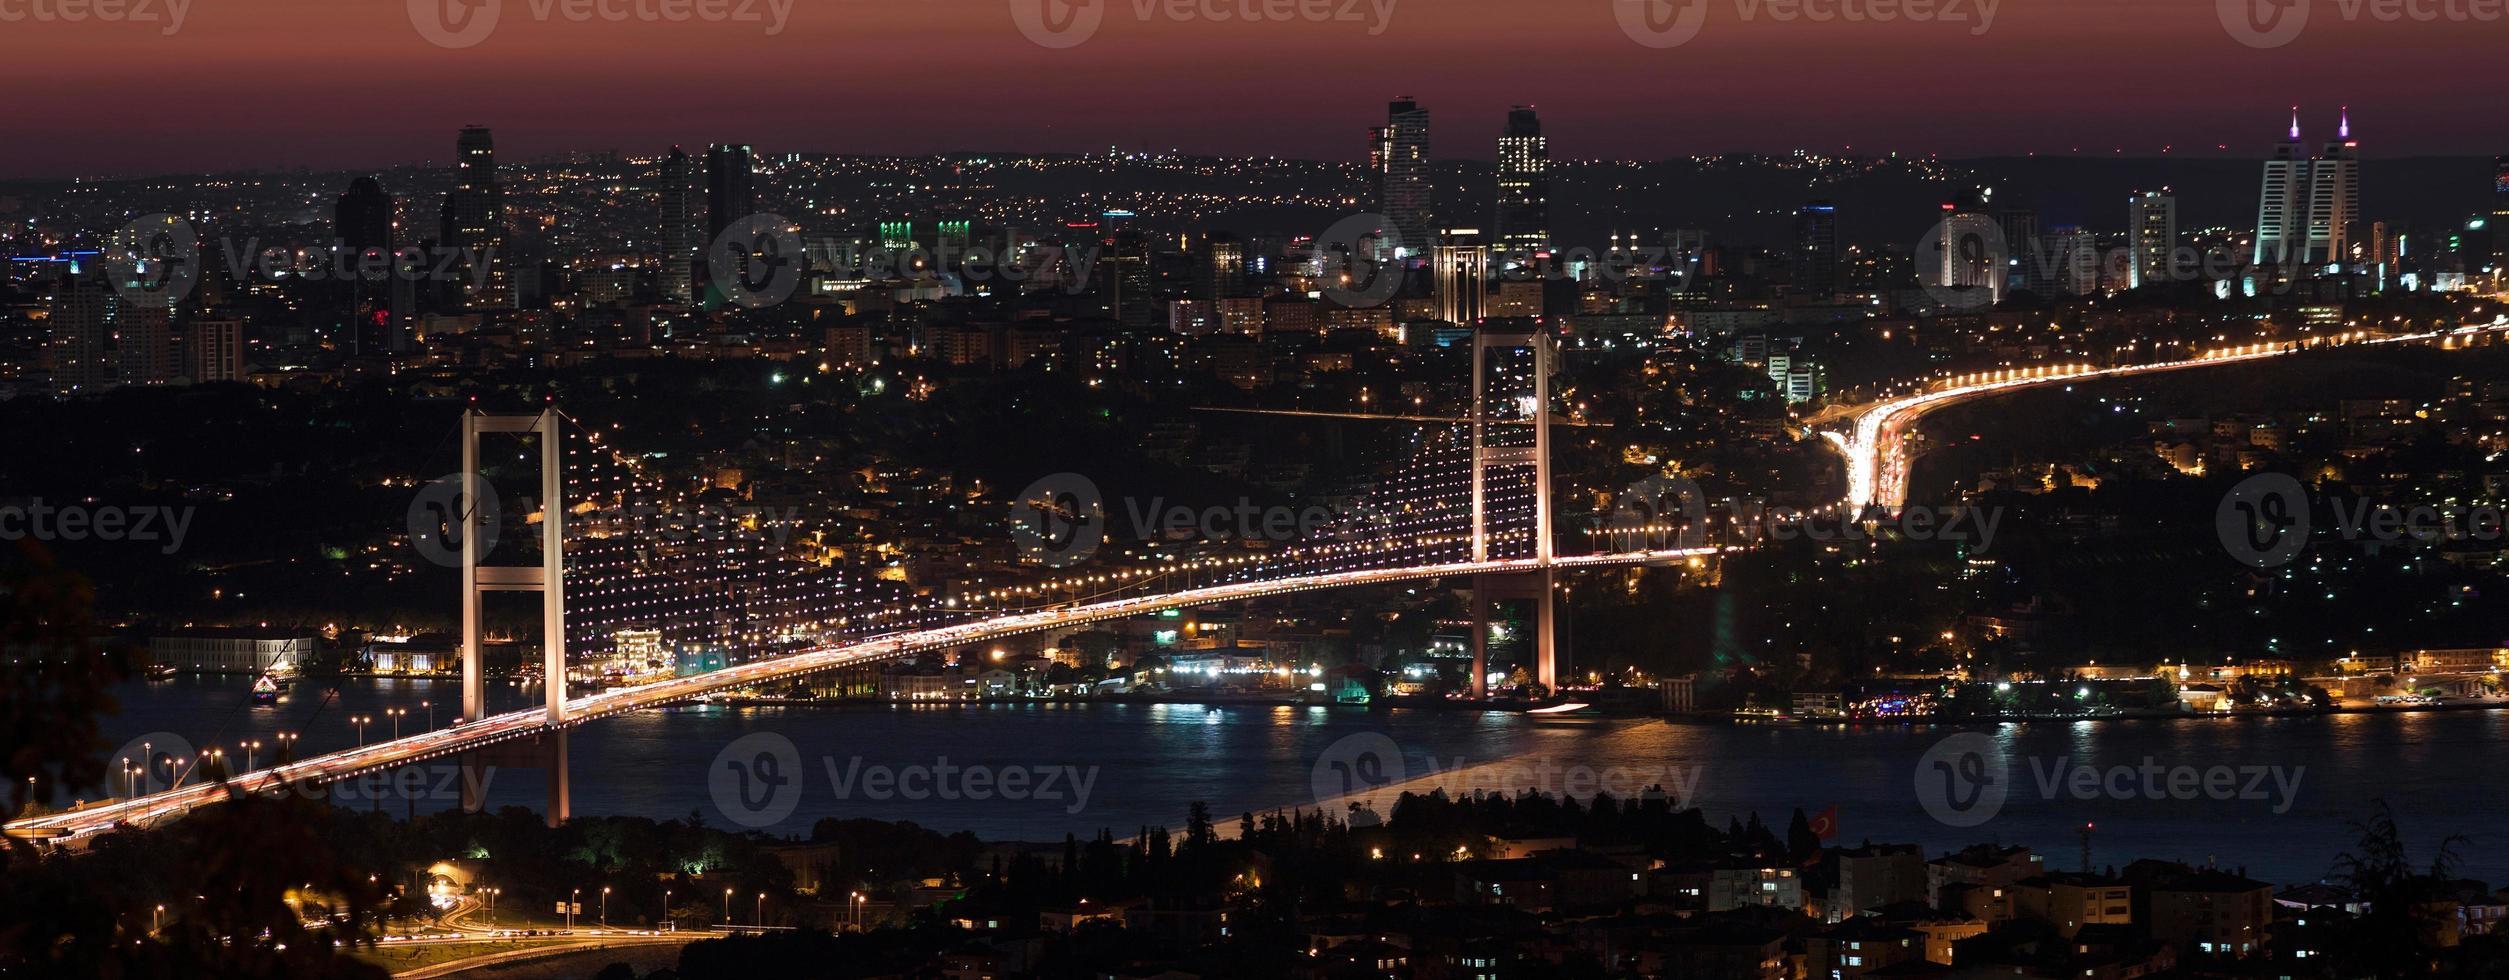 Bosporusbrücke bei Nacht foto